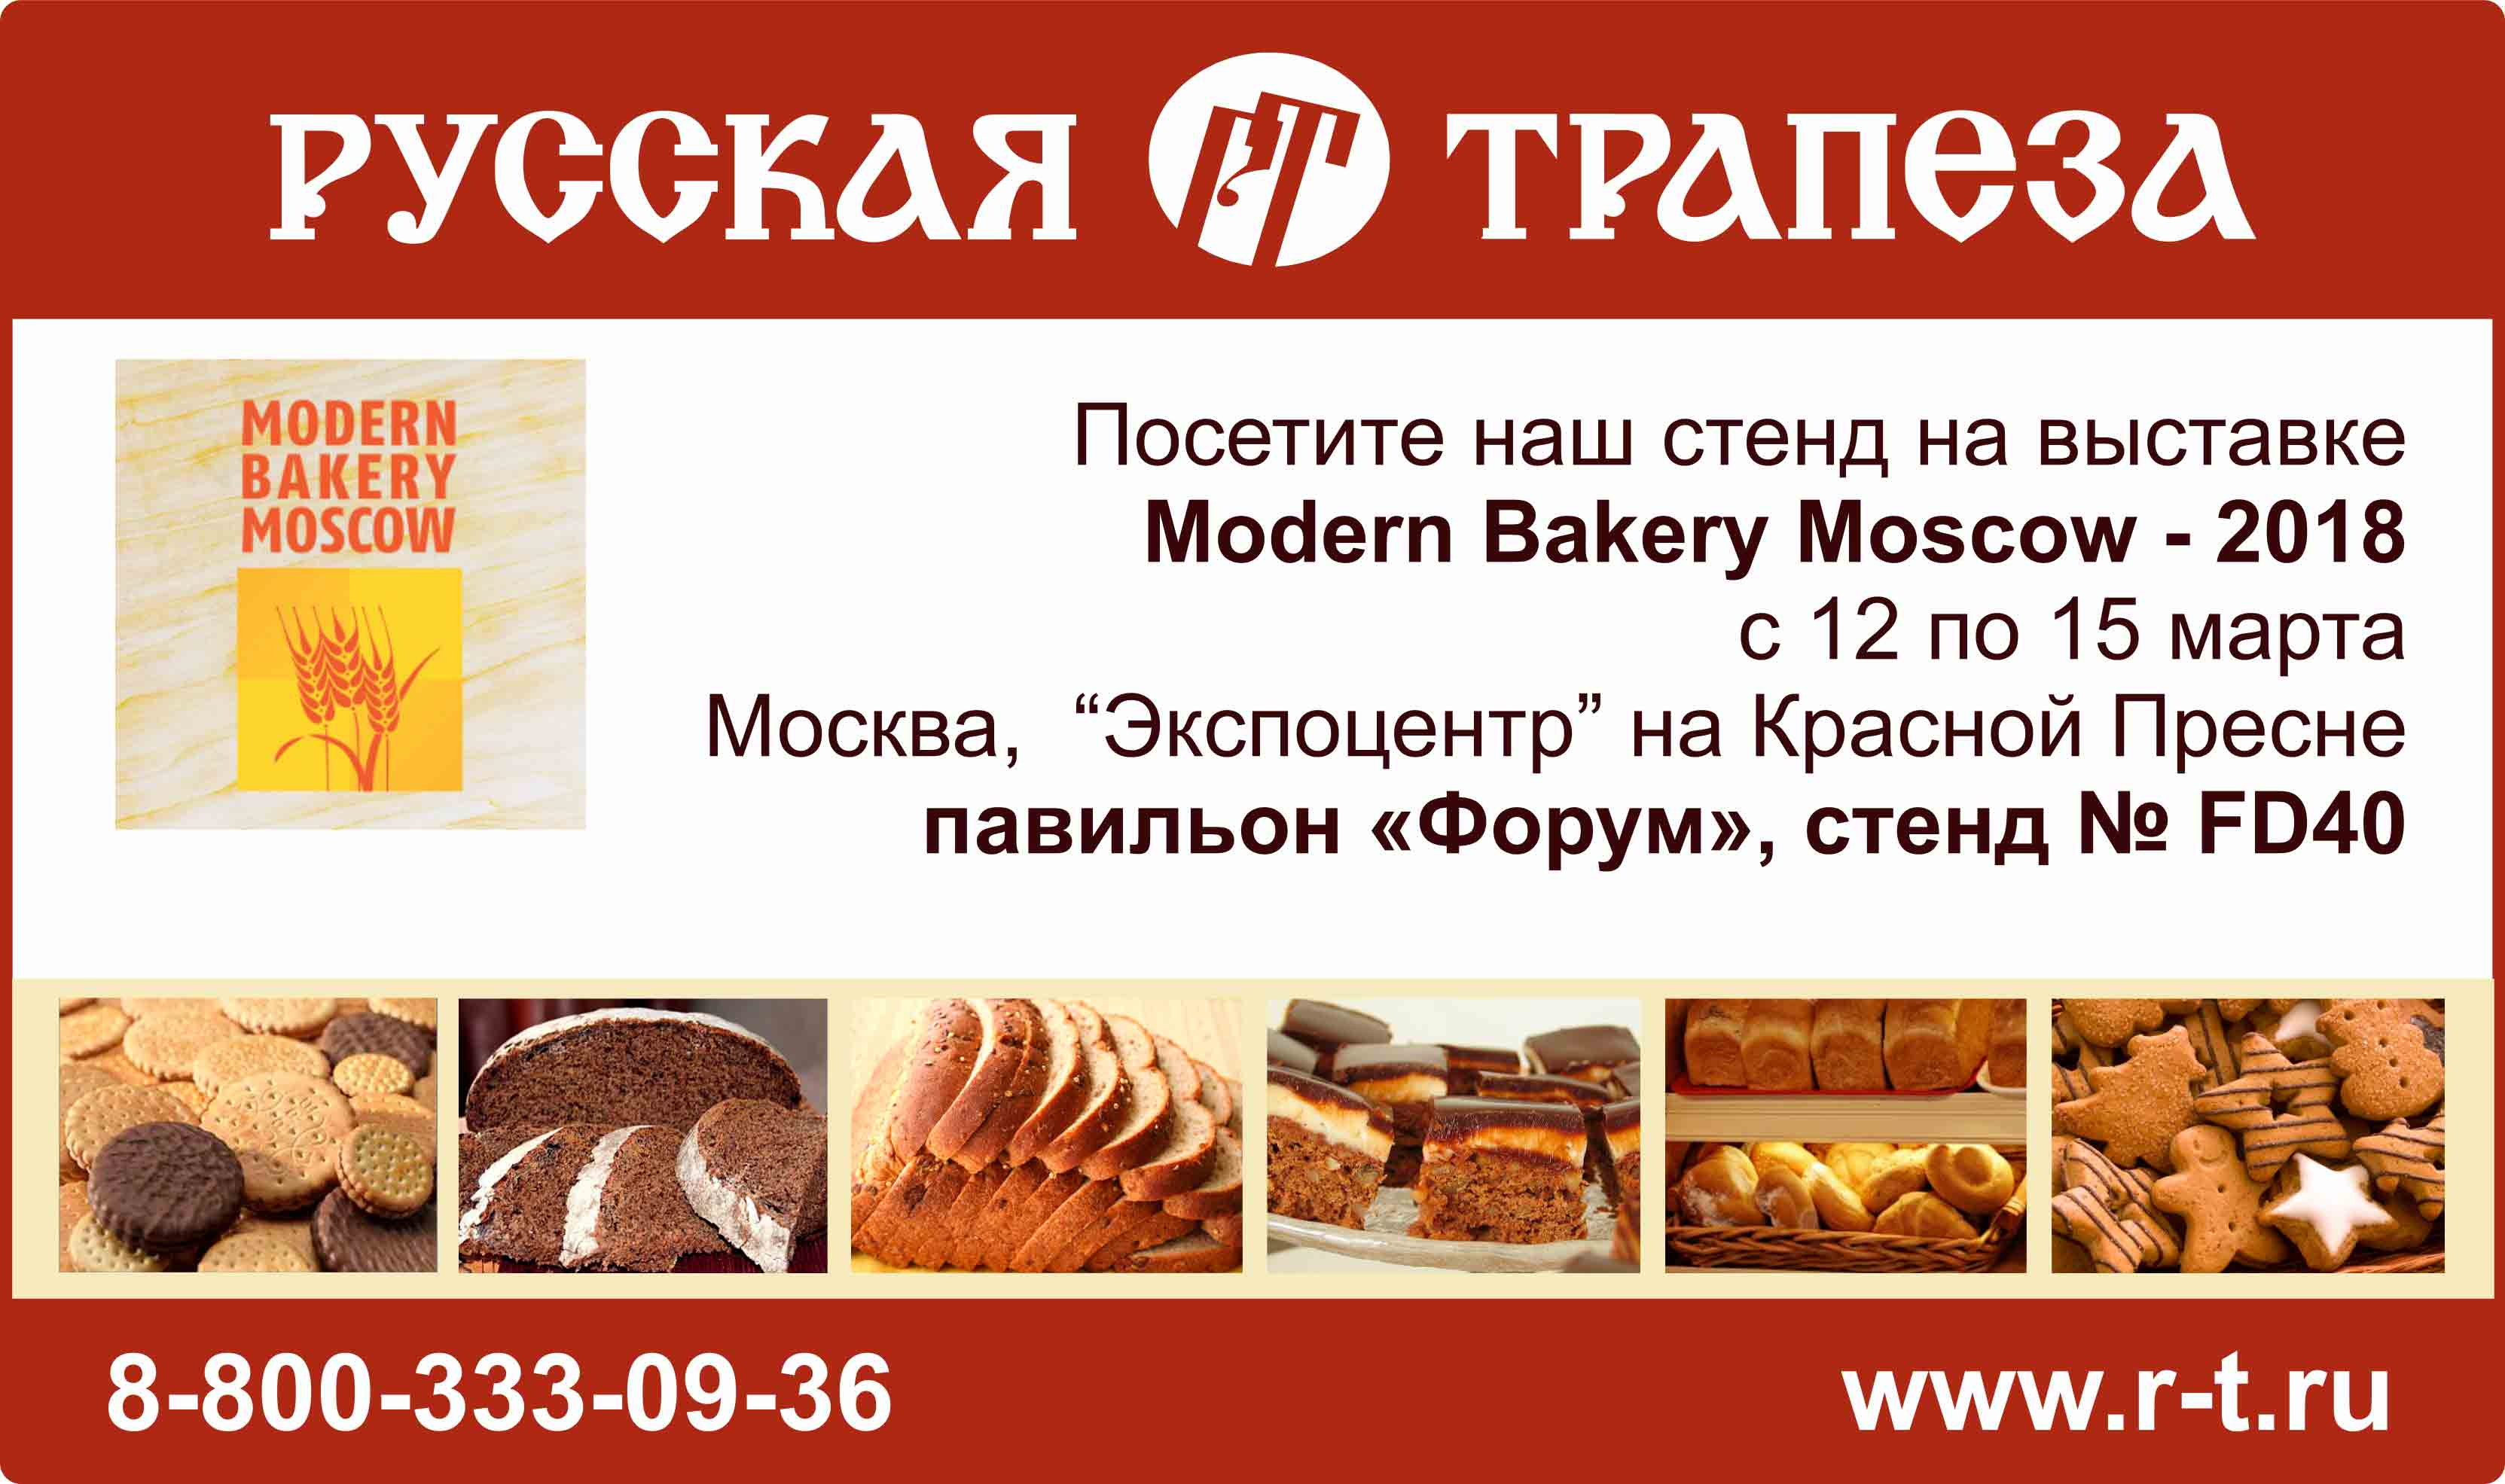 приглашение на выставку Modern Bakery Moscow 2018